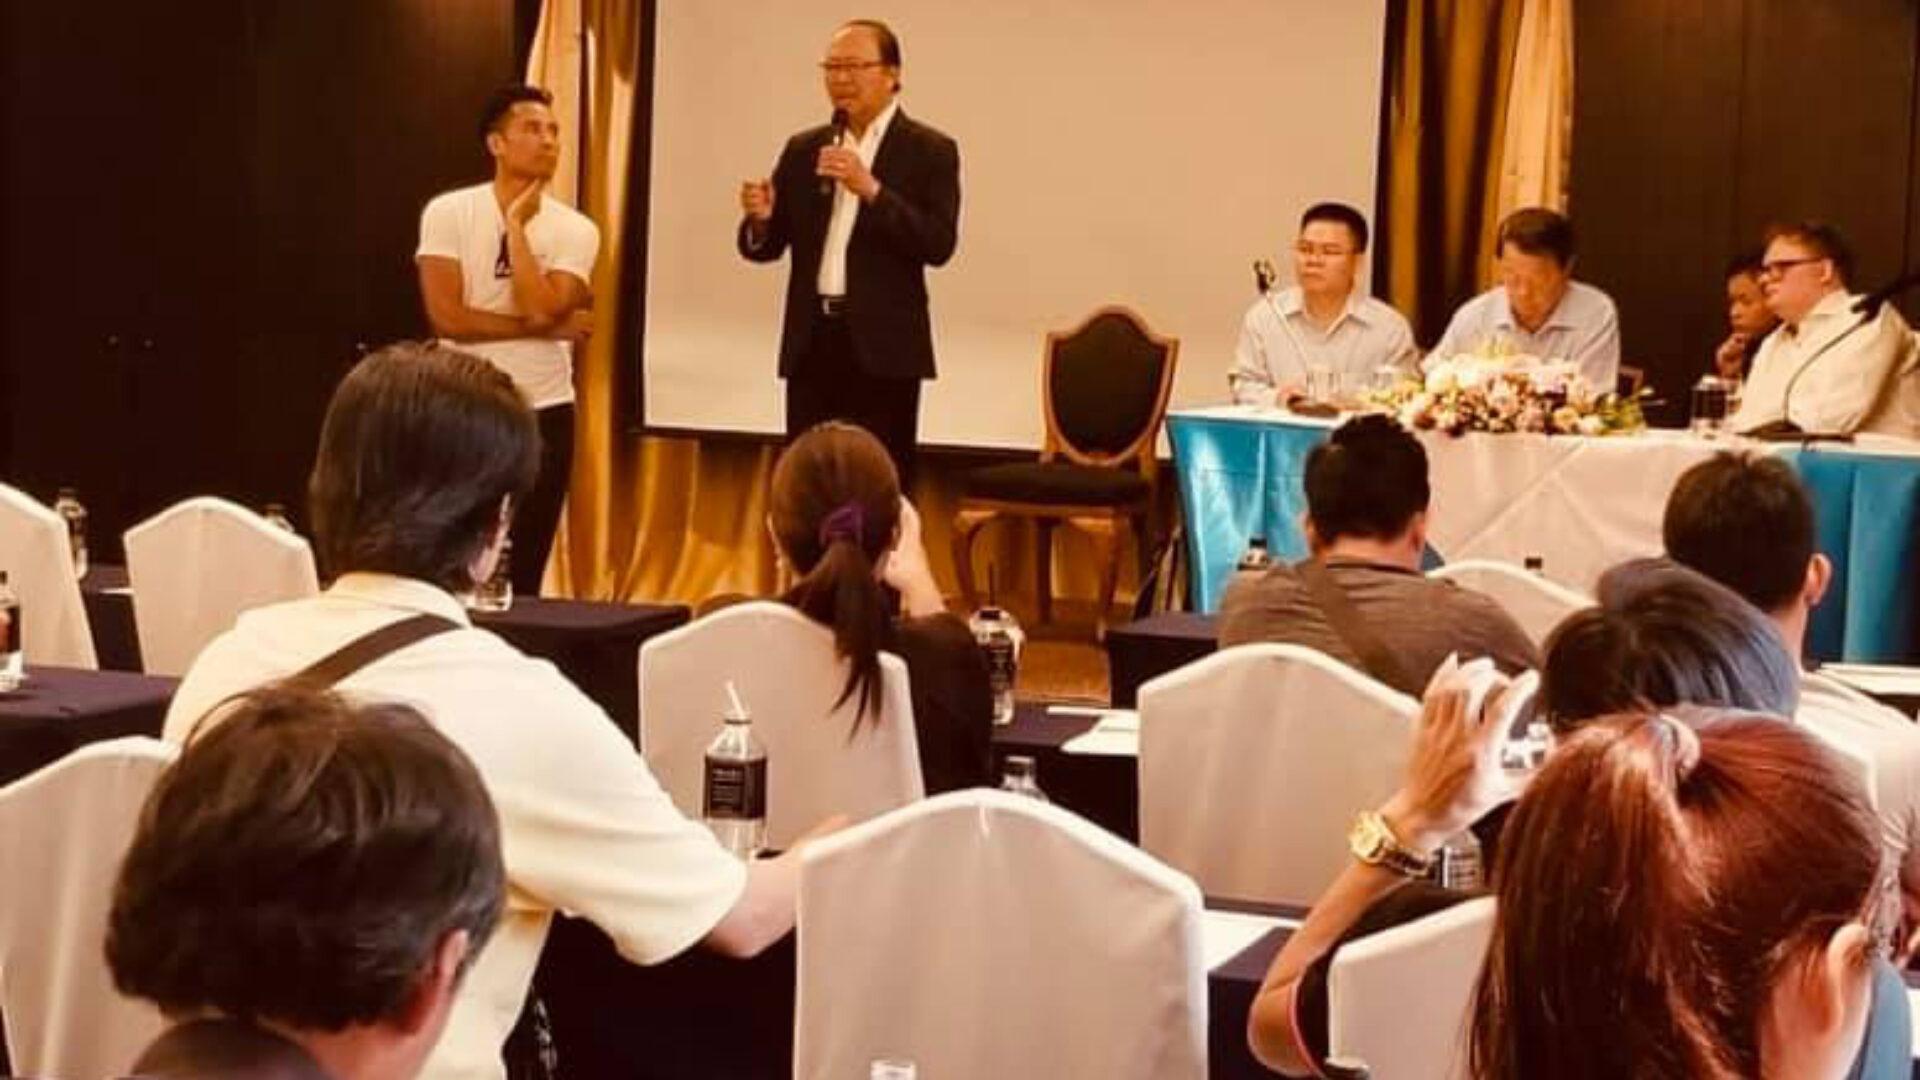 VOICE họp báo thông tin về tiến trình định cư đồng bào tỵ nạn Việt Nam